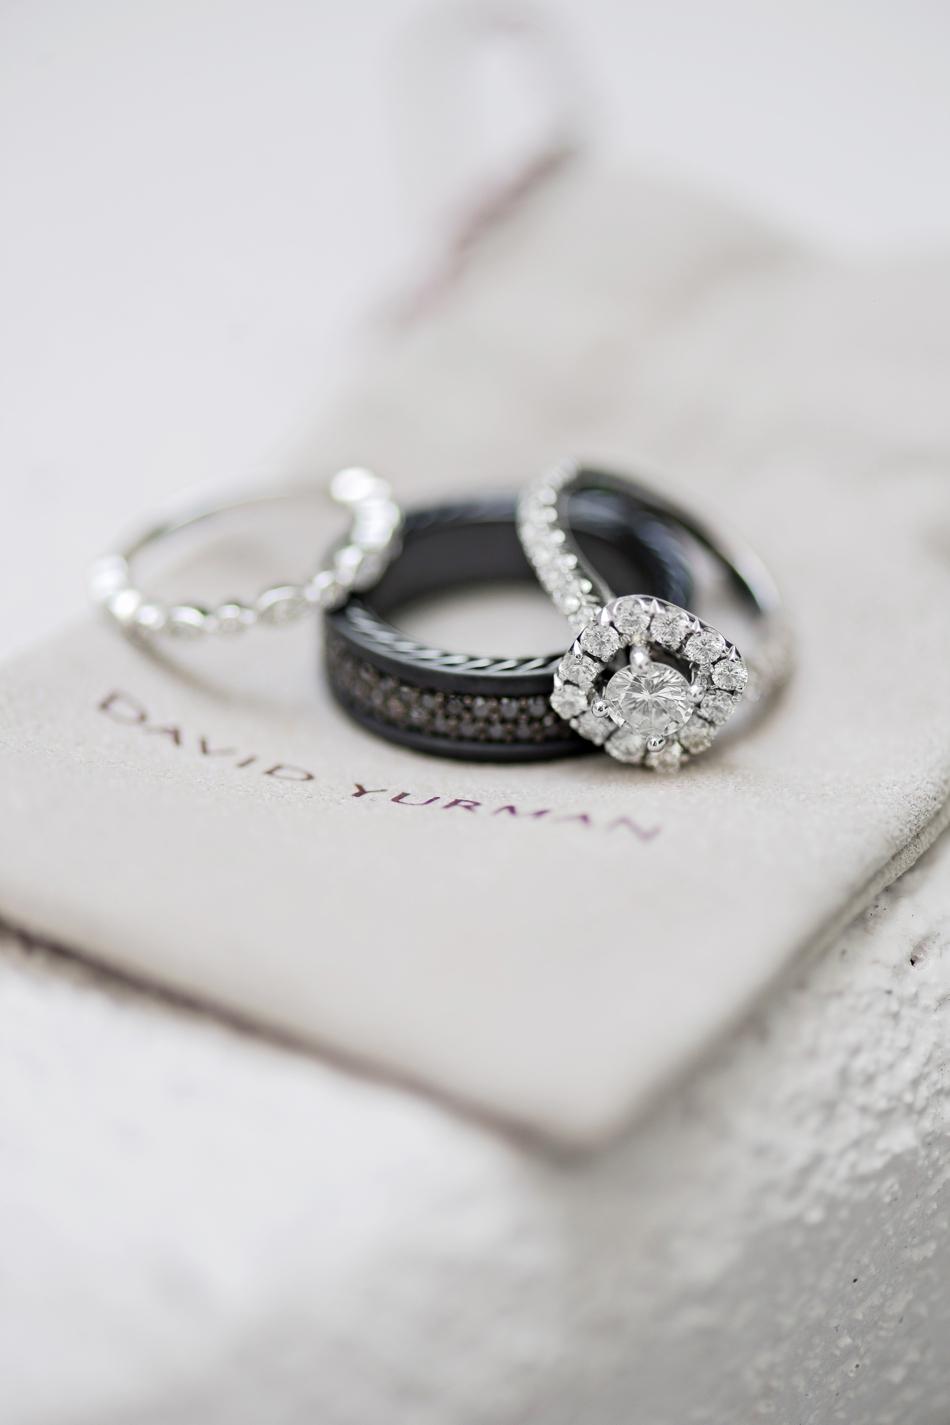 David Yurman wedding ring